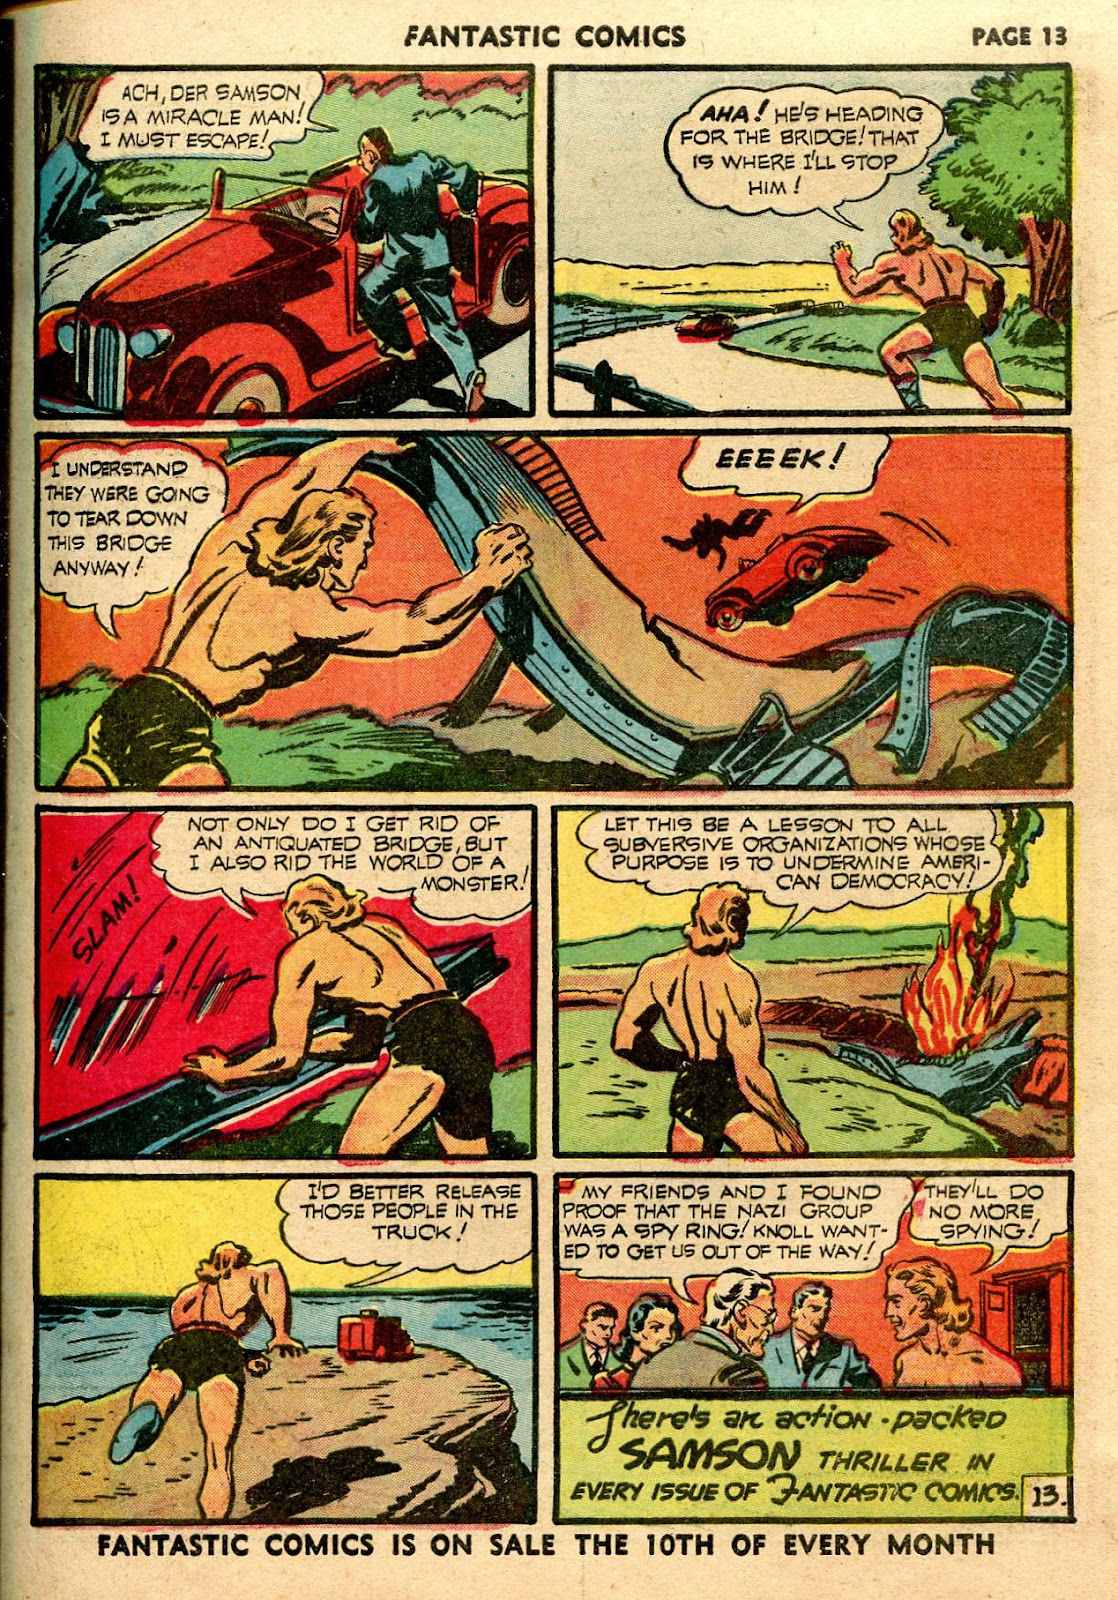 Read online Fantastic Comics comic -  Issue #21 - 15